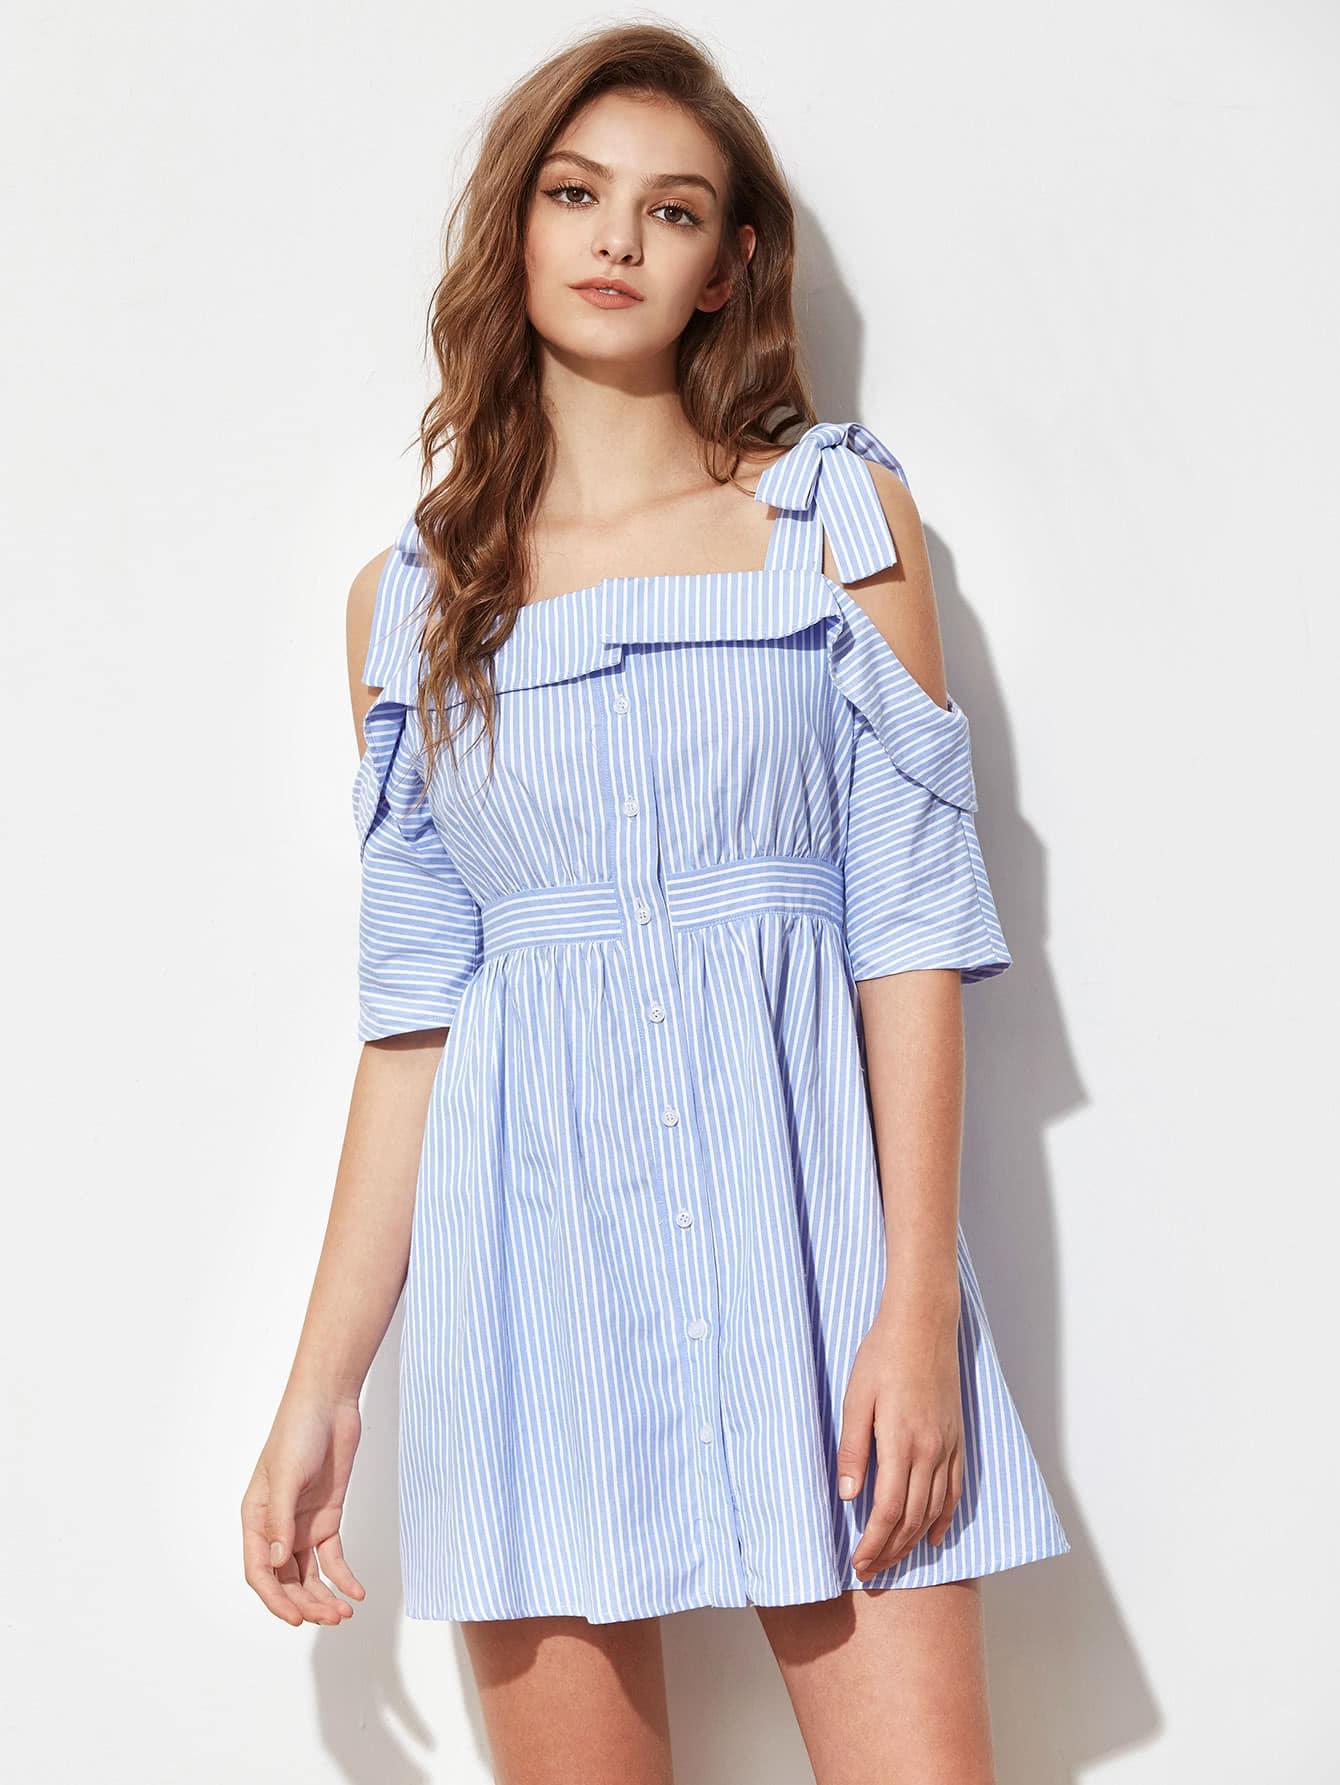 dress170523704_2